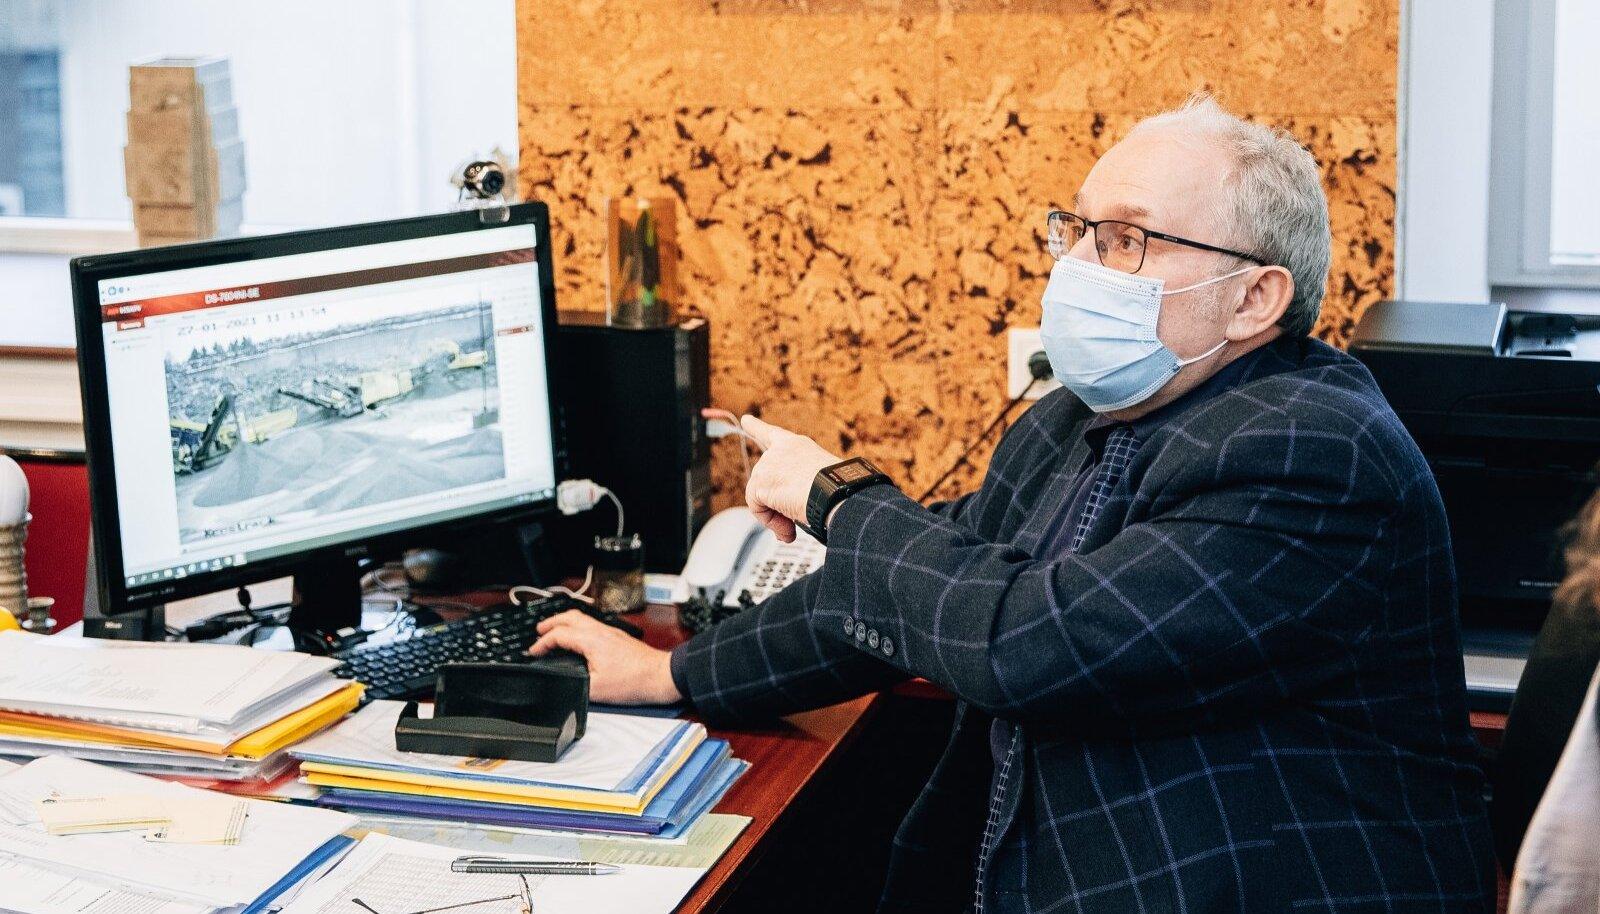 Vladimir Libmani kinnitusel kasutab Paekivitoodete Tehase OÜ Lasnamäe külje all tegutsevas Väo karjääris kõige moodsamat kaevandustehnoloogiat.